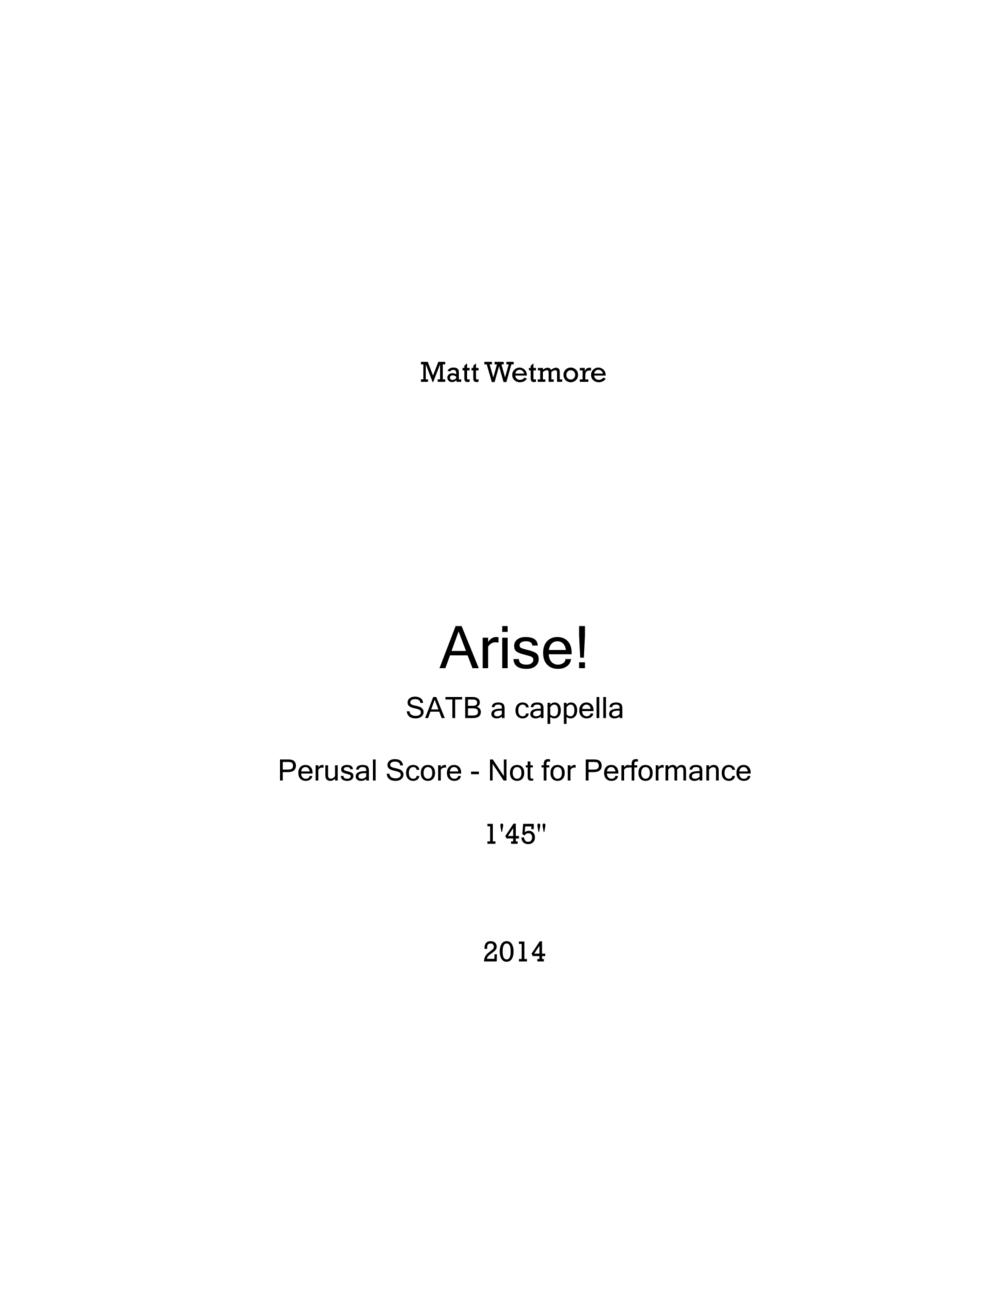 Arise! Perusal-1.png